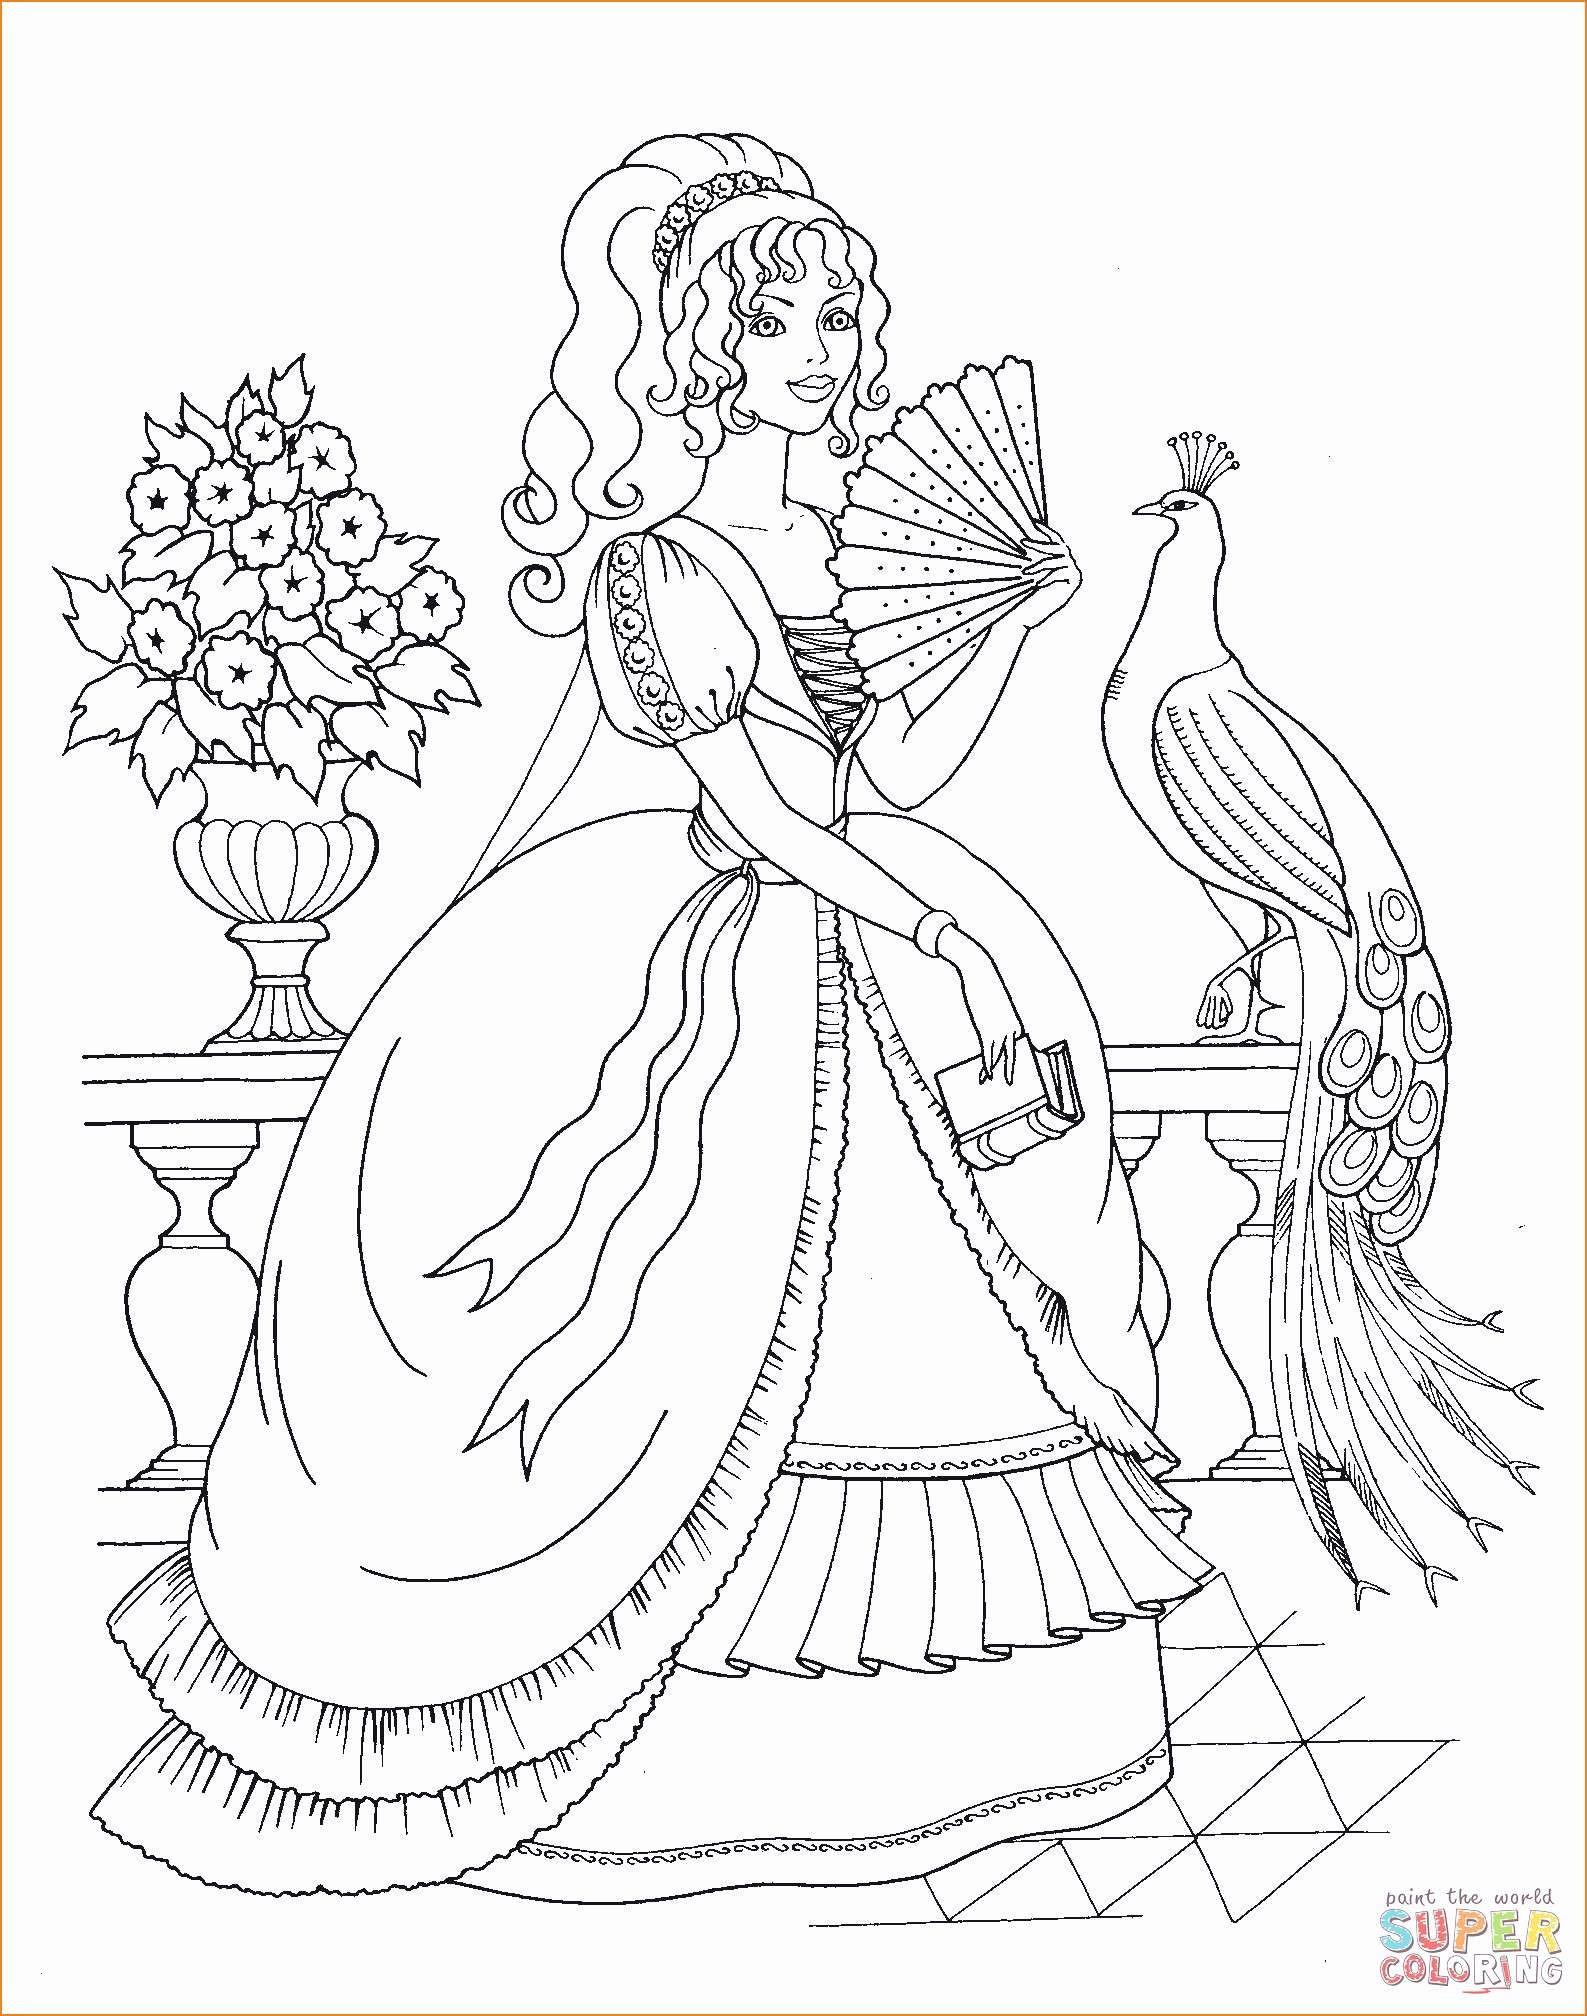 Ausmalbilder Disney Prinzessin Jasmin Frisch Disney Prinzessinnen Ausmalbilder Fotos Designs 32 Ausmalbilder Fotografieren